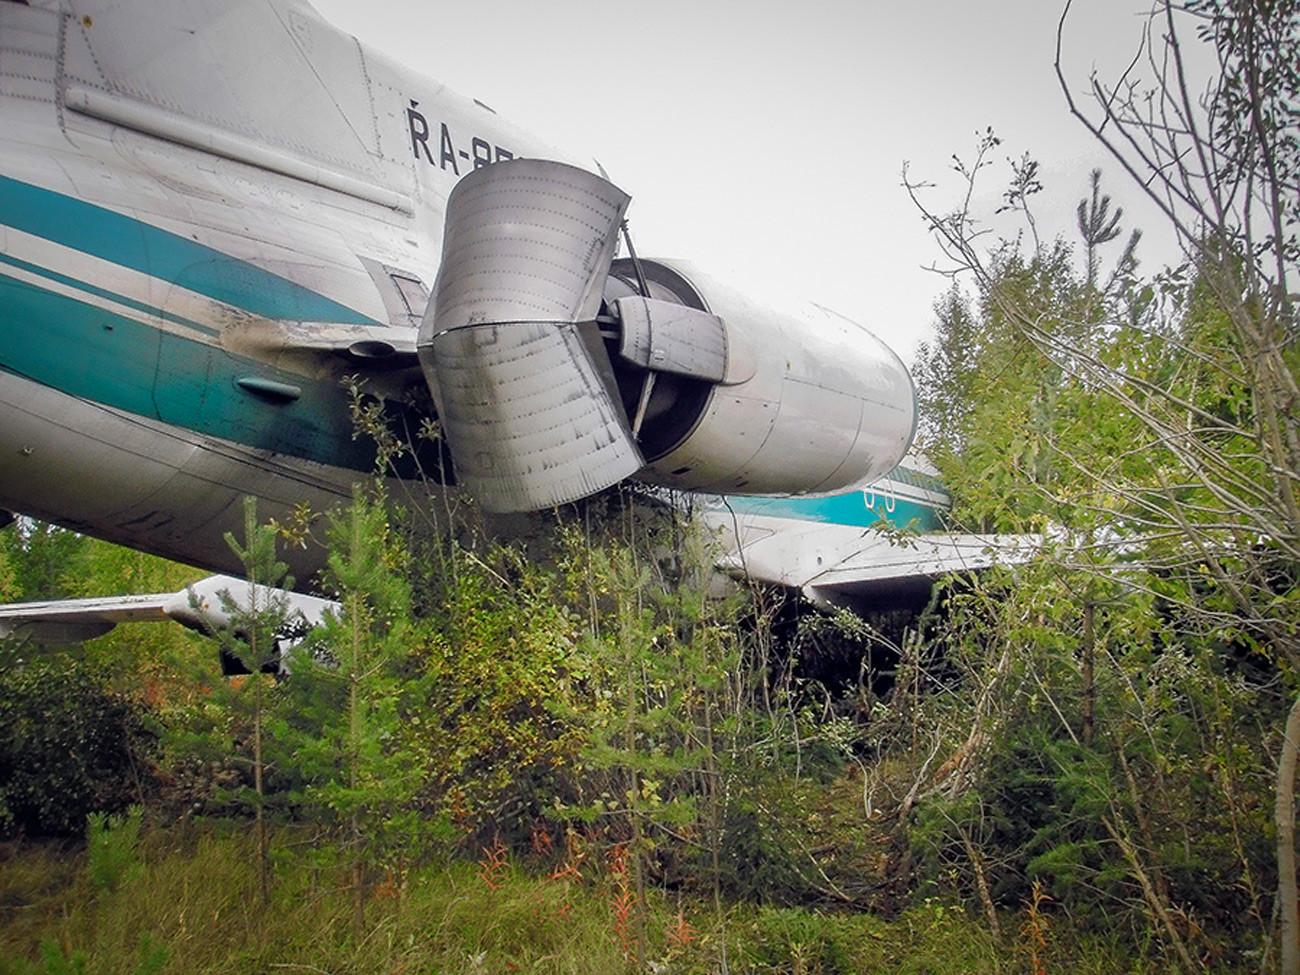 飛行機はオーバーランし、地面に叩きつけられた。